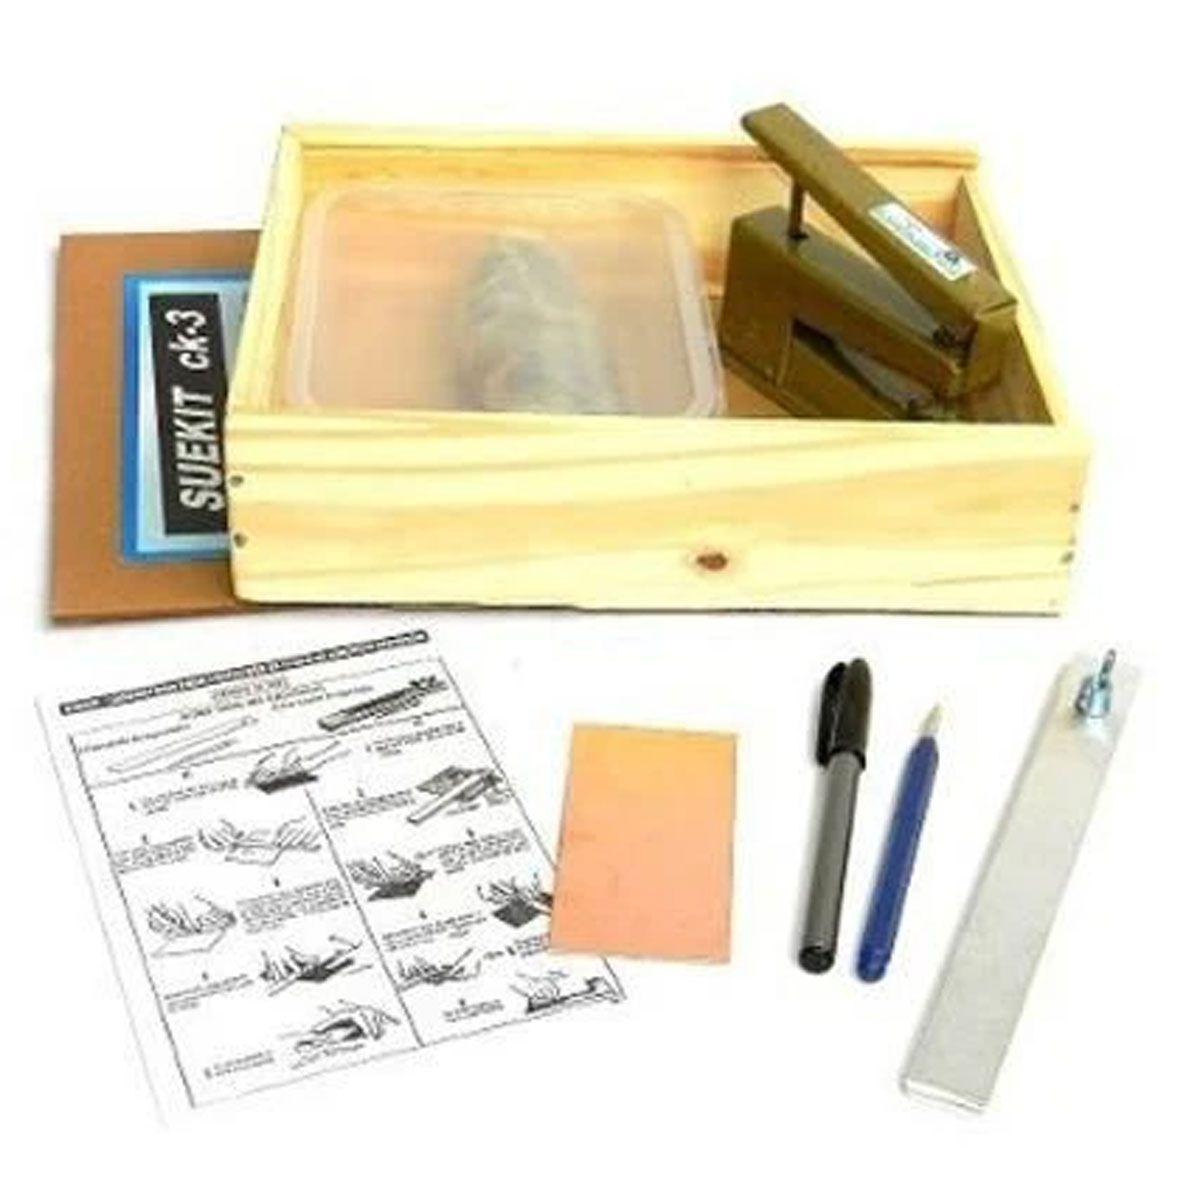 Kit para Confeccionar Placa de Circuito Impresso Suekit CK-3